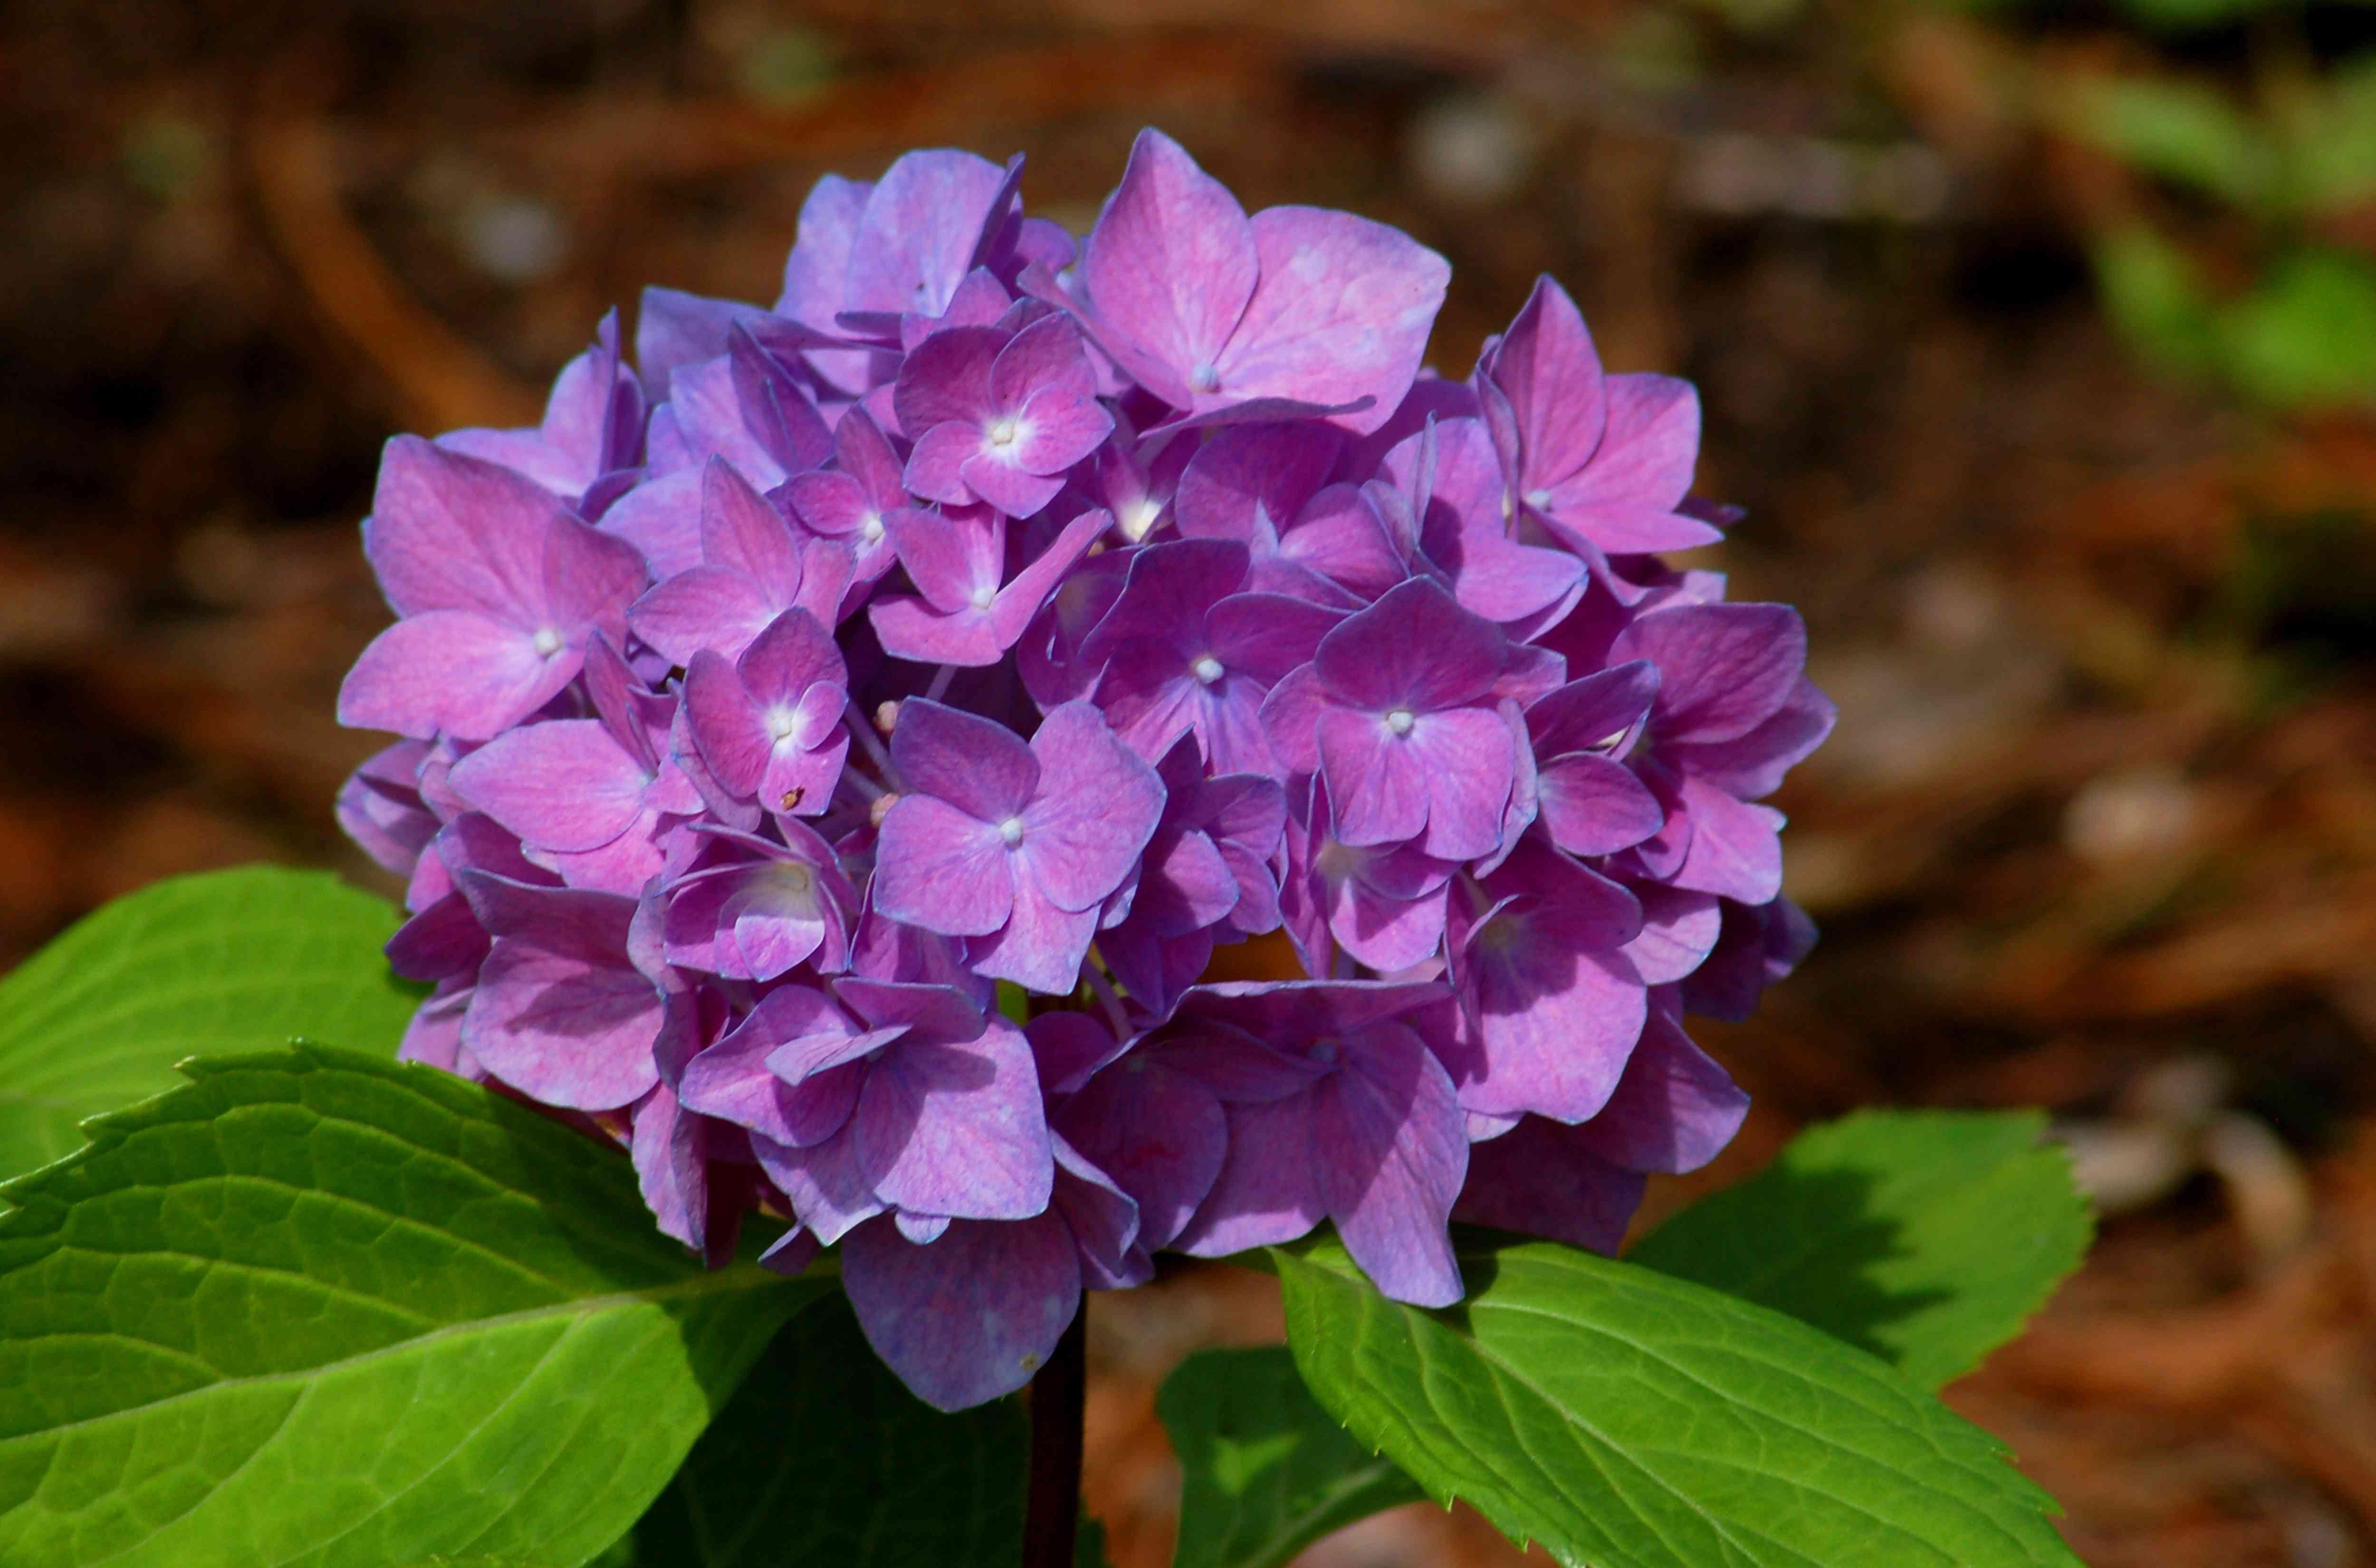 'Rhapsody Blue' hydrangea with purple flowers